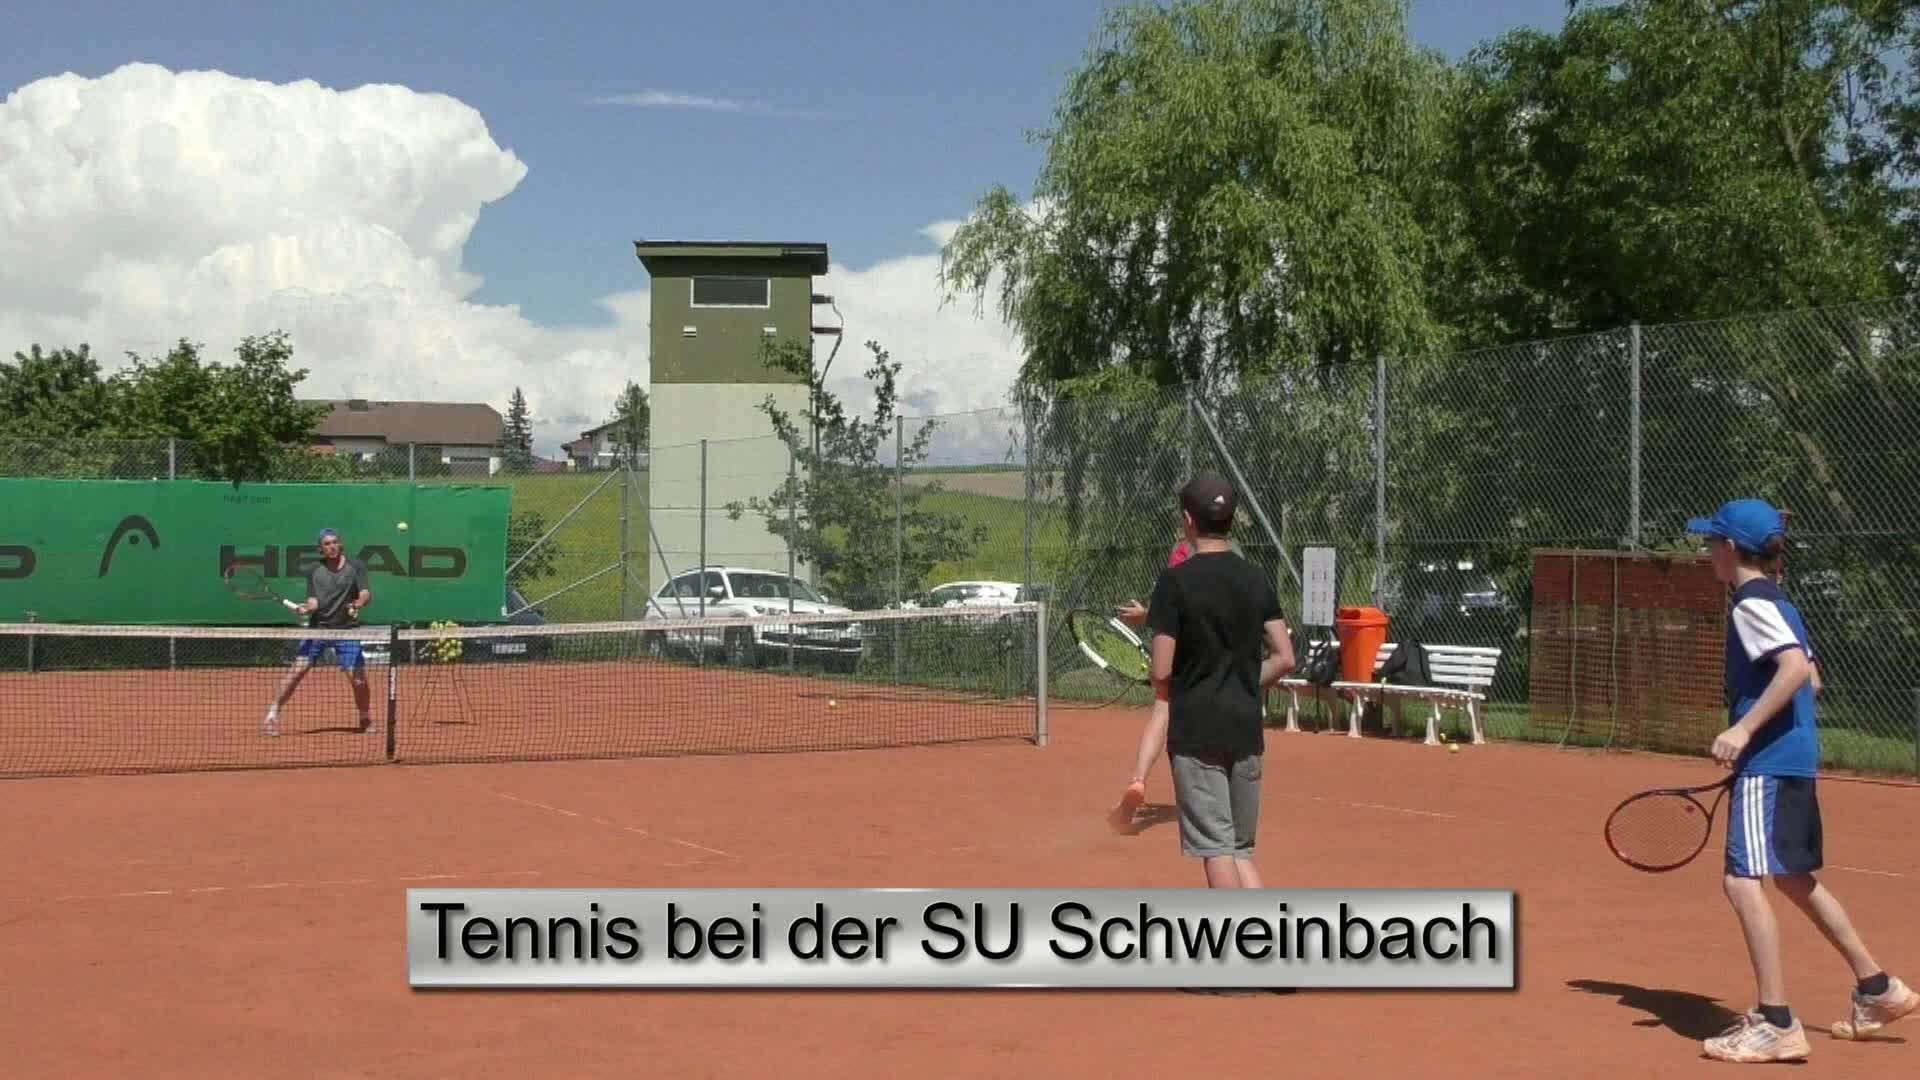 Tennis bei der SU Schweinbach